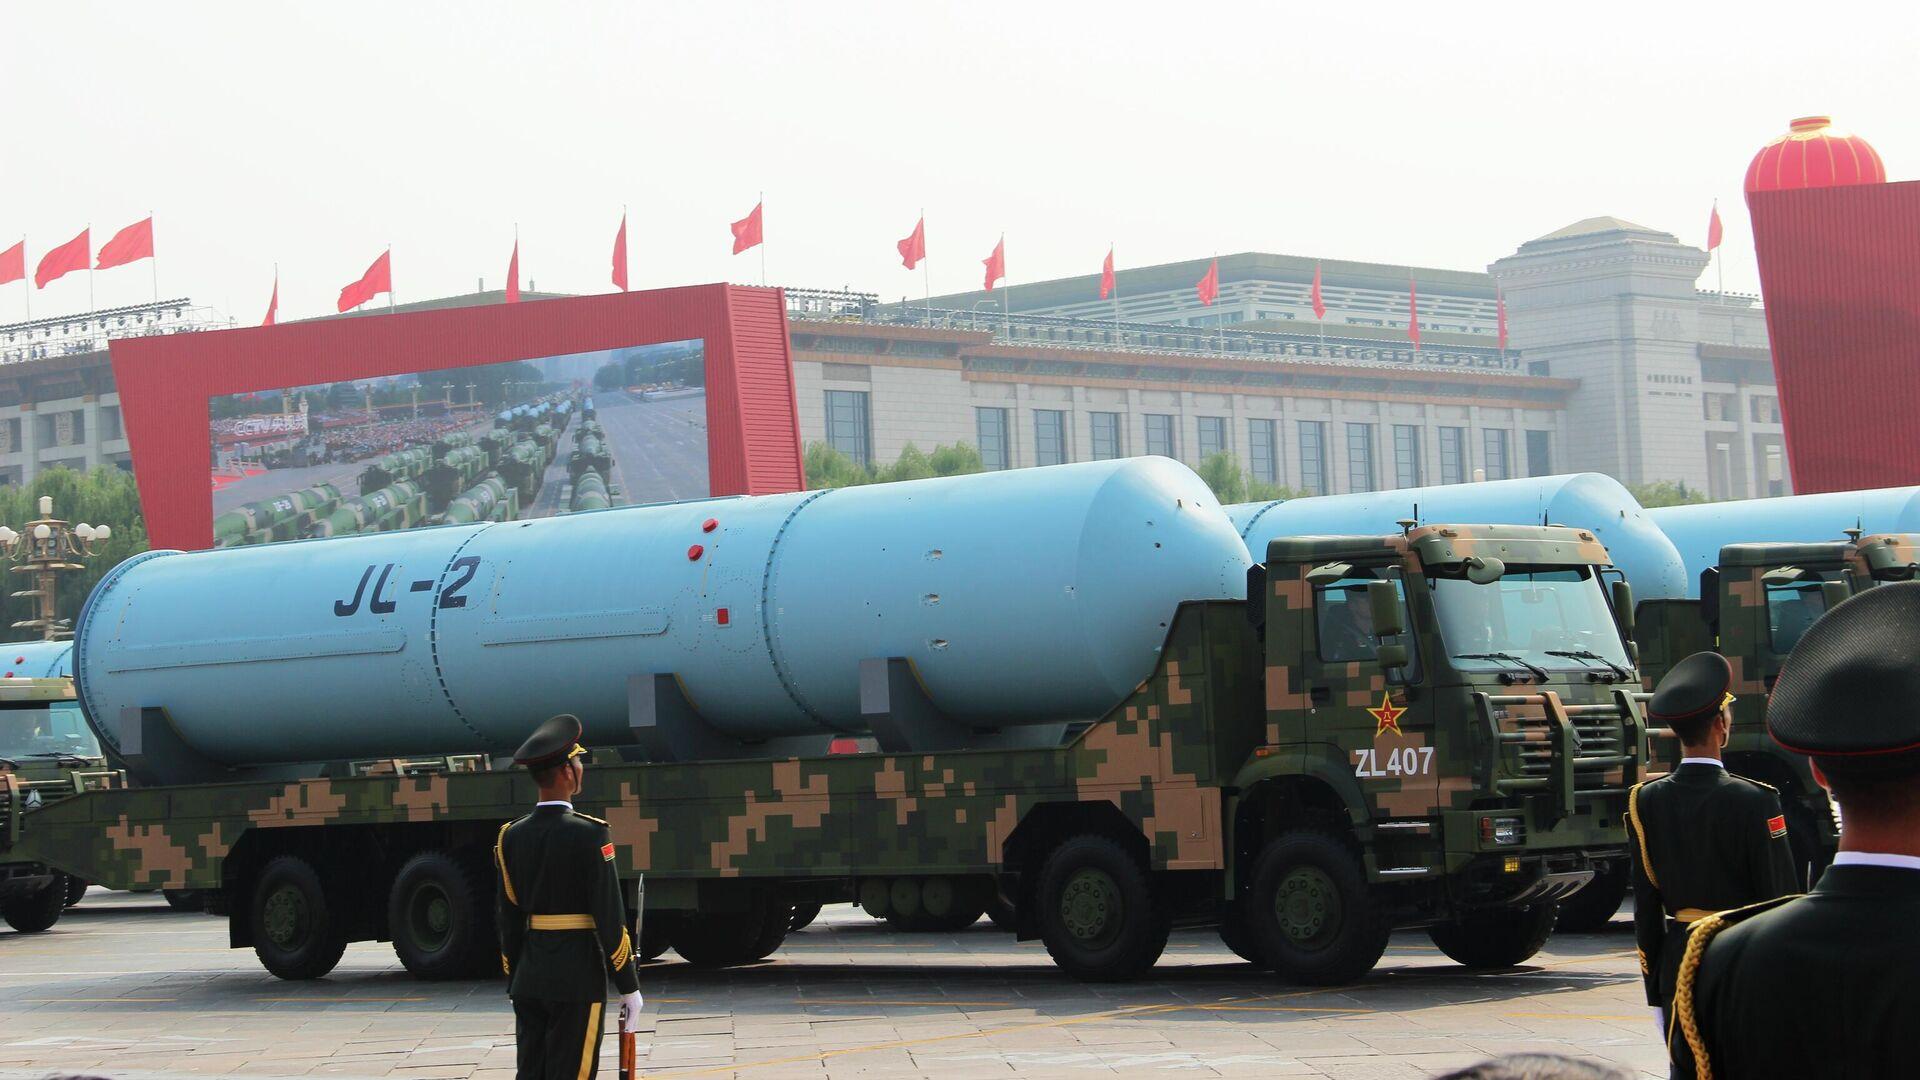 Двухступенчатая твердотопливная баллистическая ракета JL-2 (Цзюйлан) на военном параде, приуроченном к 70-летию образования Китая, в Пекине - РИА Новости, 1920, 13.10.2020